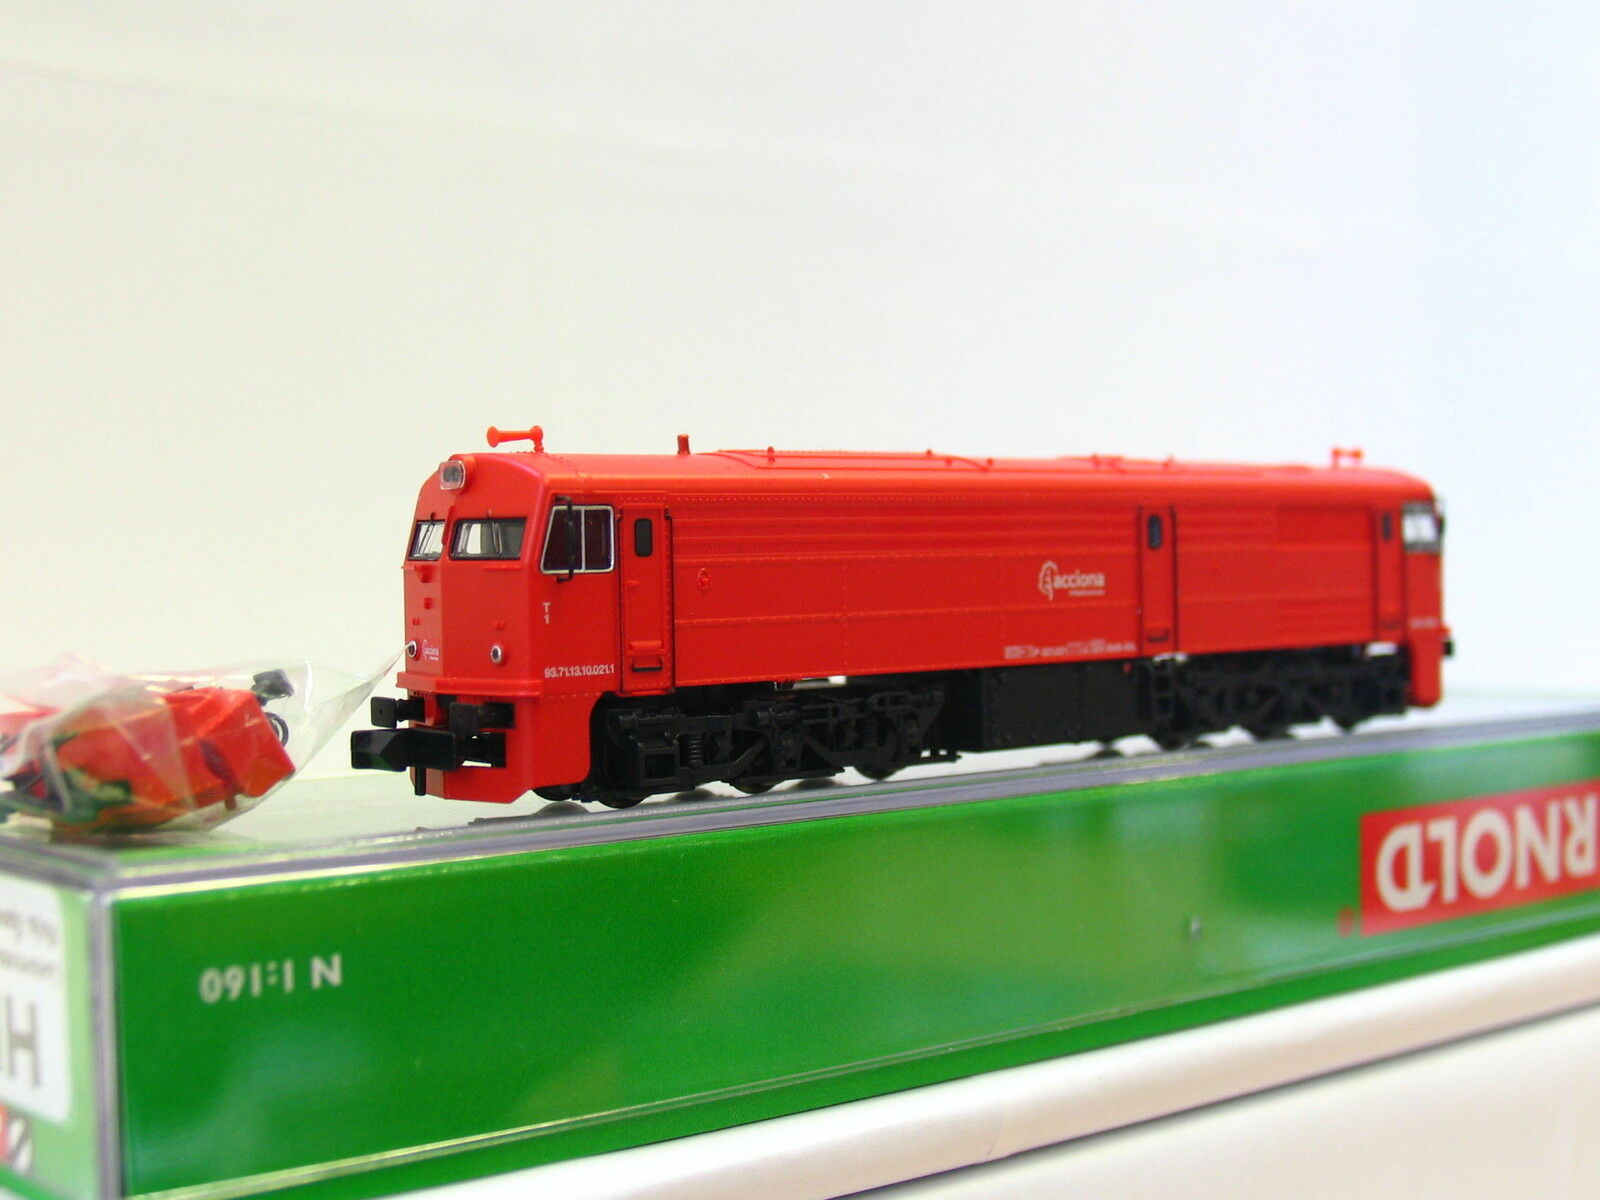 Arnold n hn2266 diesellok 321 021 acciona roja embalaje original (tr173)